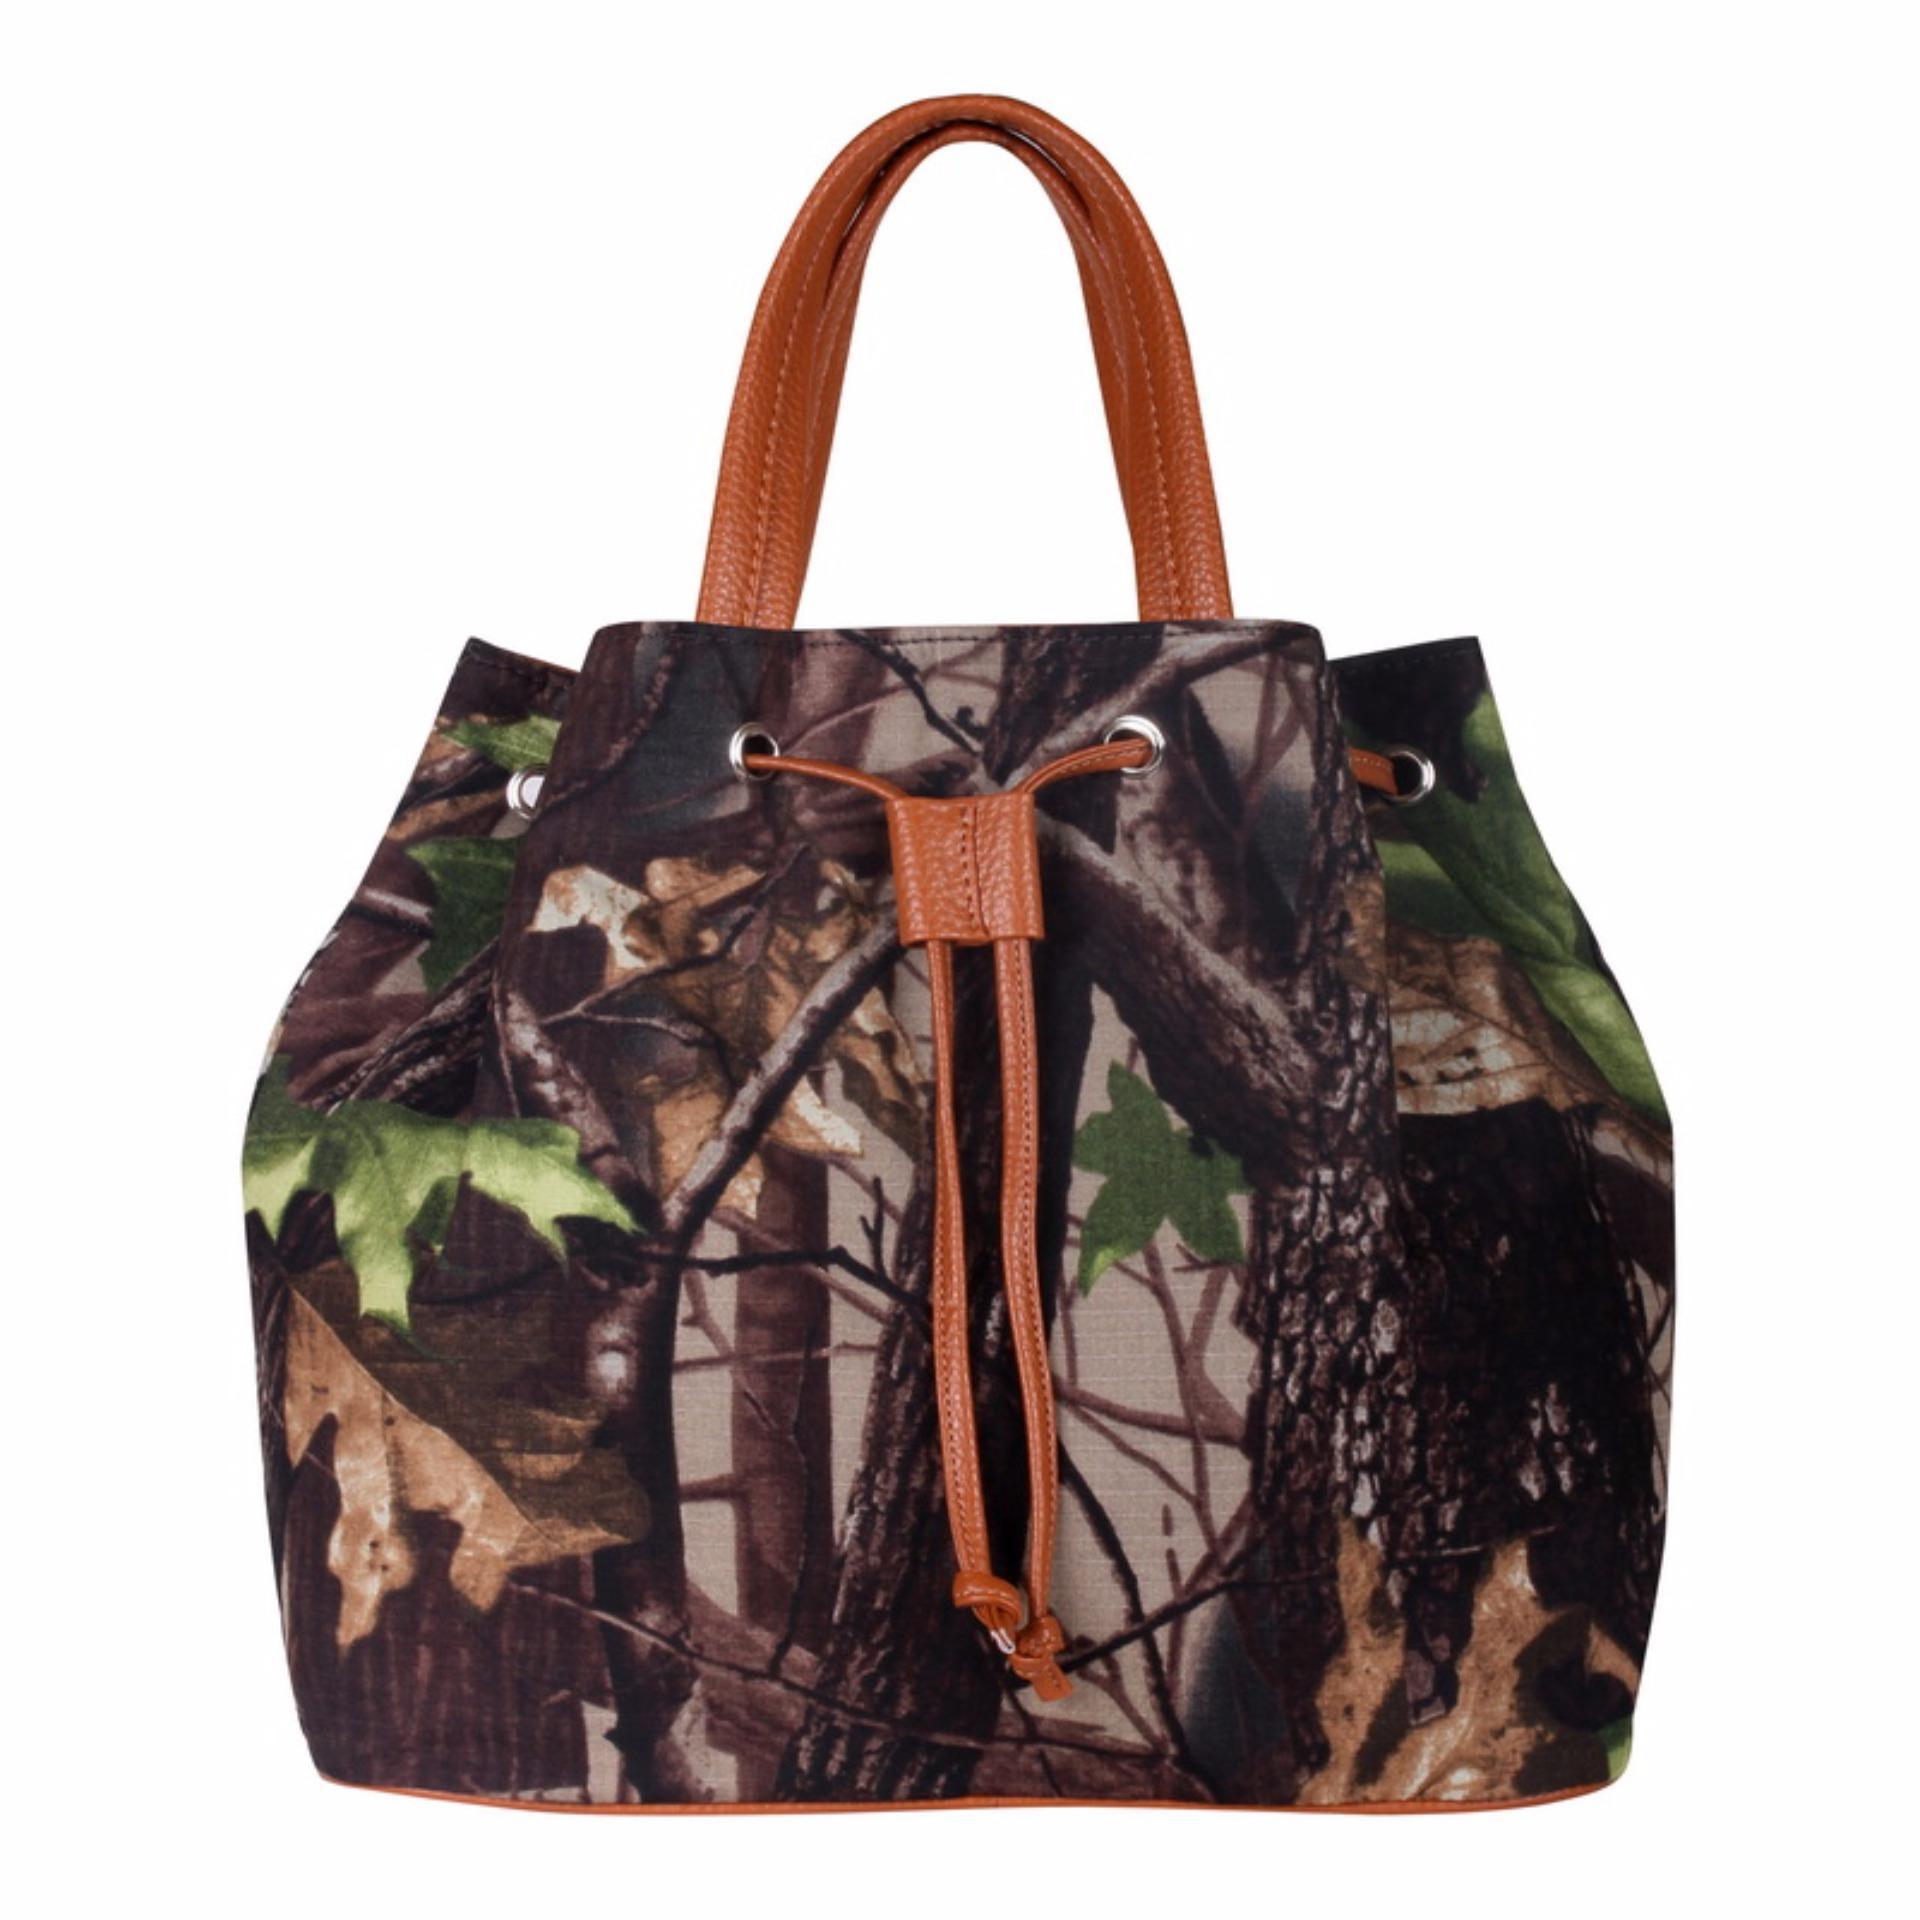 Zada Tas Tote Bag Wanita Motif Print Original